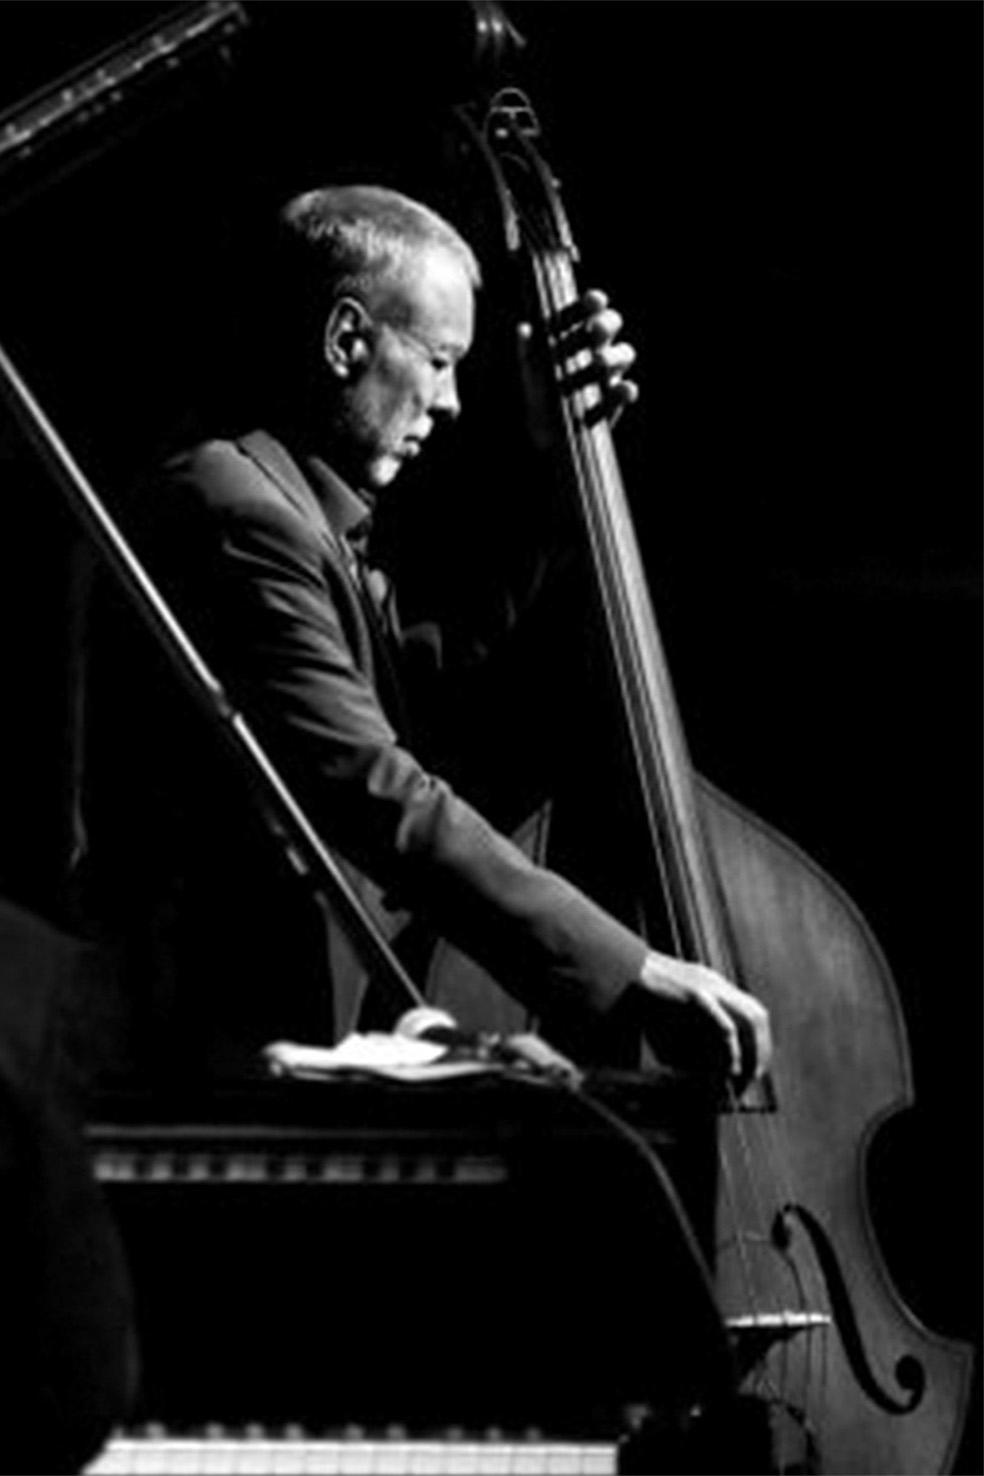 A. Palmucci, 'Black White', particolare dello scatto vincitore del premio Jazz World Photo 2015 a New York, foto b/n © aut./JWP/PHOS